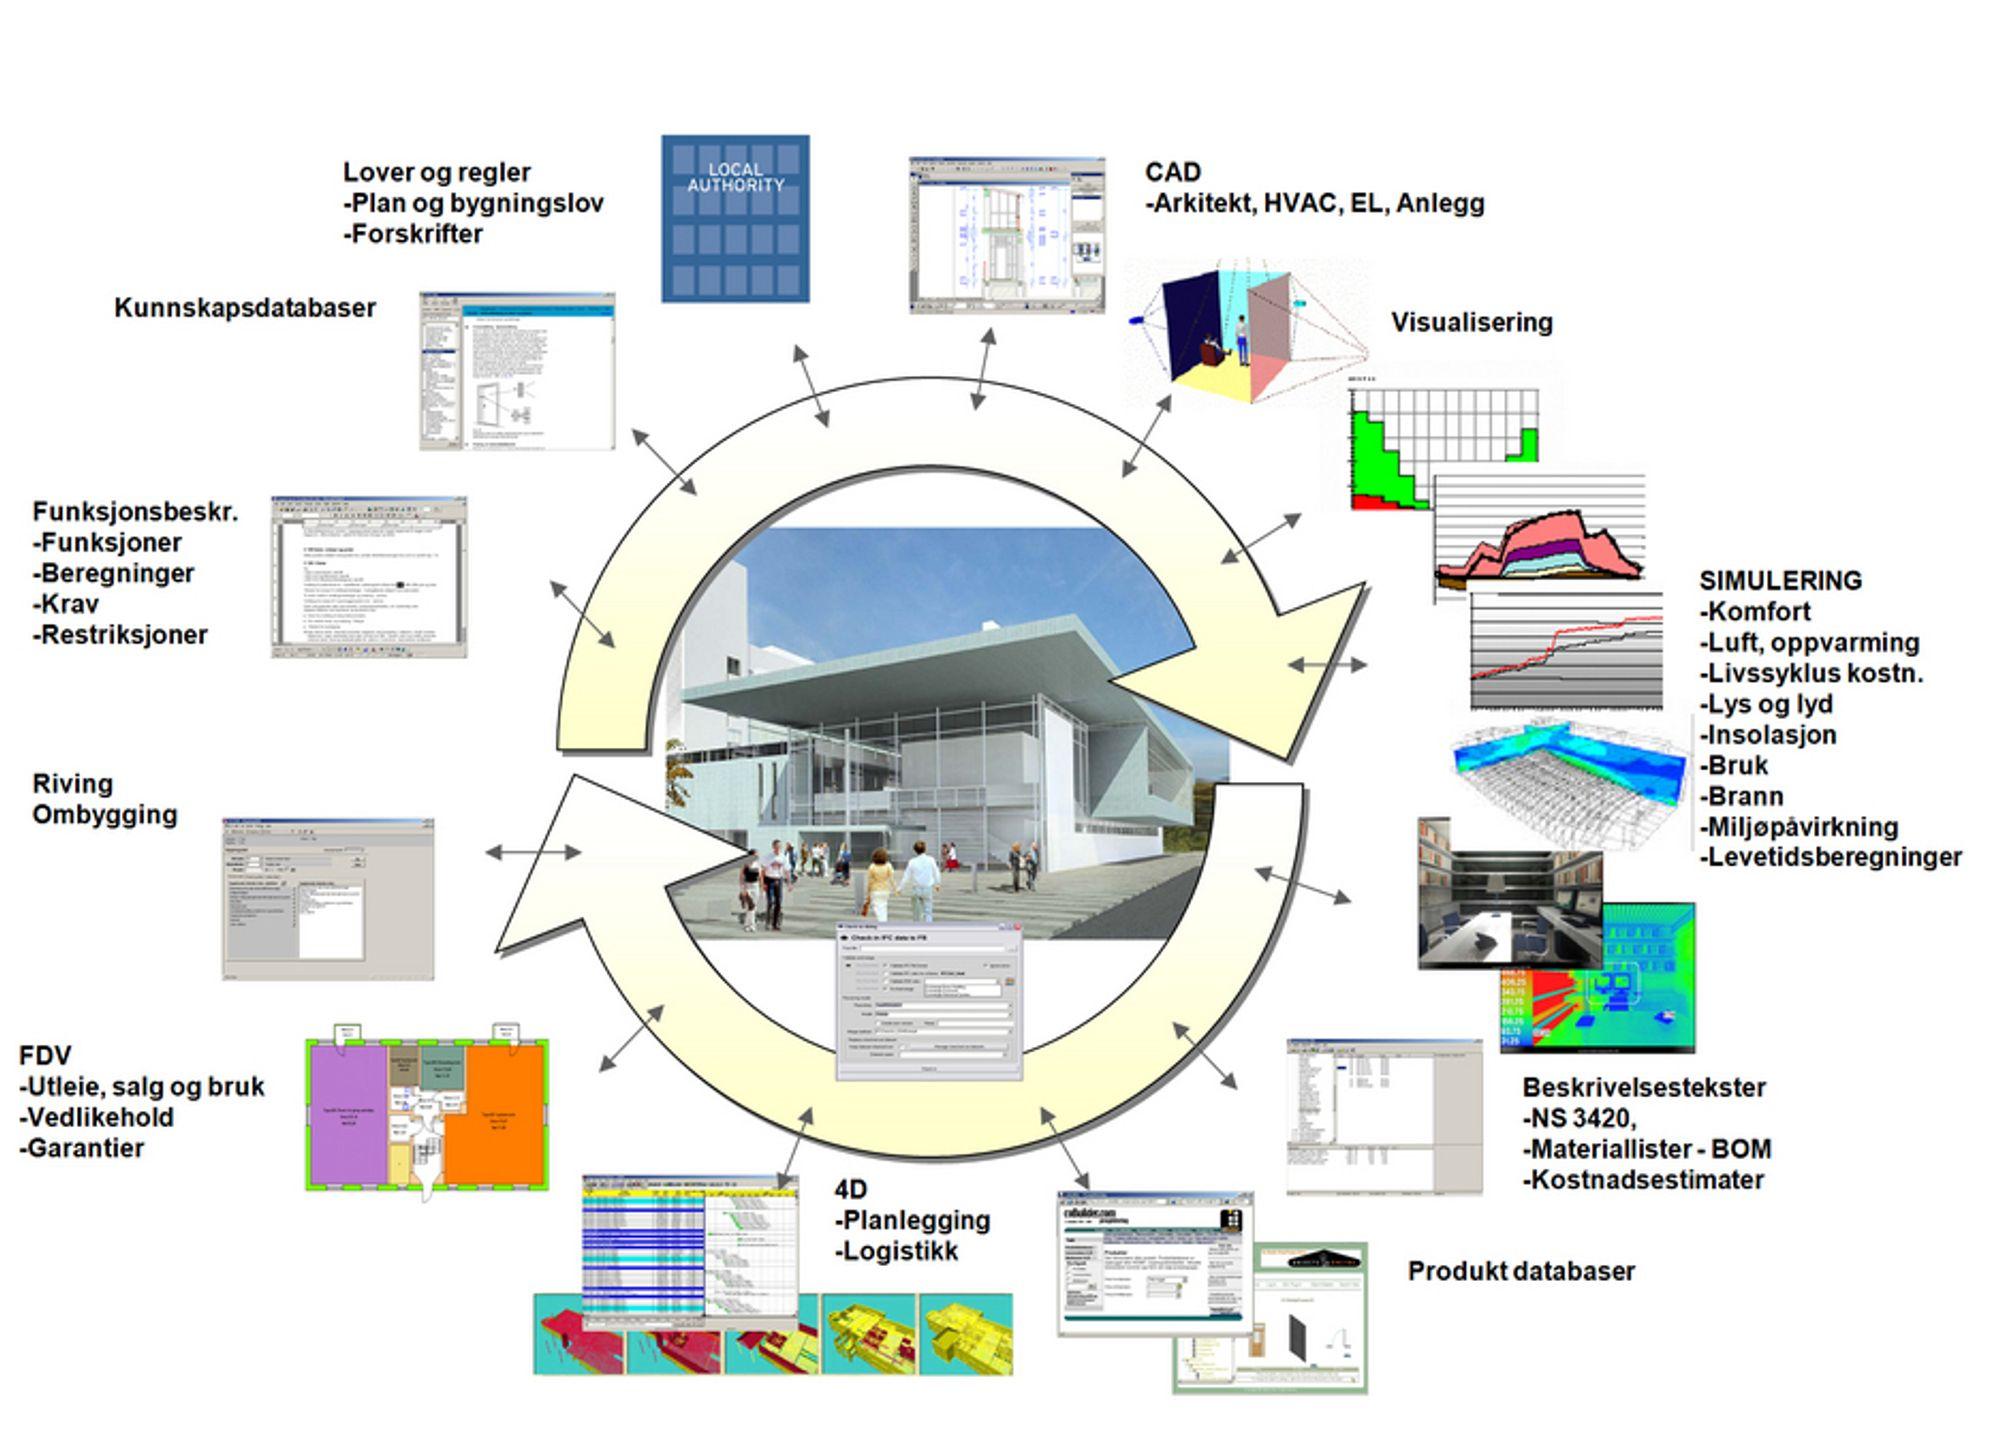 BIM-HJULET DAK er bare et av de mange elementene postene i BIM-hjulet. I byggeprosessen lagres en rekke typer informasjon i den samme databasen. Fordi all informasjonen henger sammen sikrer man seg mot feil og legger til rette for gjenbruk.  I senter av dette hjulet ligger frontbygget på A-Hus hvor det er brukt BIM i byggeprosessen. BIM-HJULET CAD er bare et av de mange elementene postene i BIM-hjulet. I byggeprosessen lagres en rekke typer informasjon i den samme databasen. Fordi all informasjonen henger sammen sikrer man seg mot feil og legger til rette for gjenbruk.  I senter av dette hjulet ligger frontbygget på A-Hus hvor det er brukt BIM i byggeprosessen.